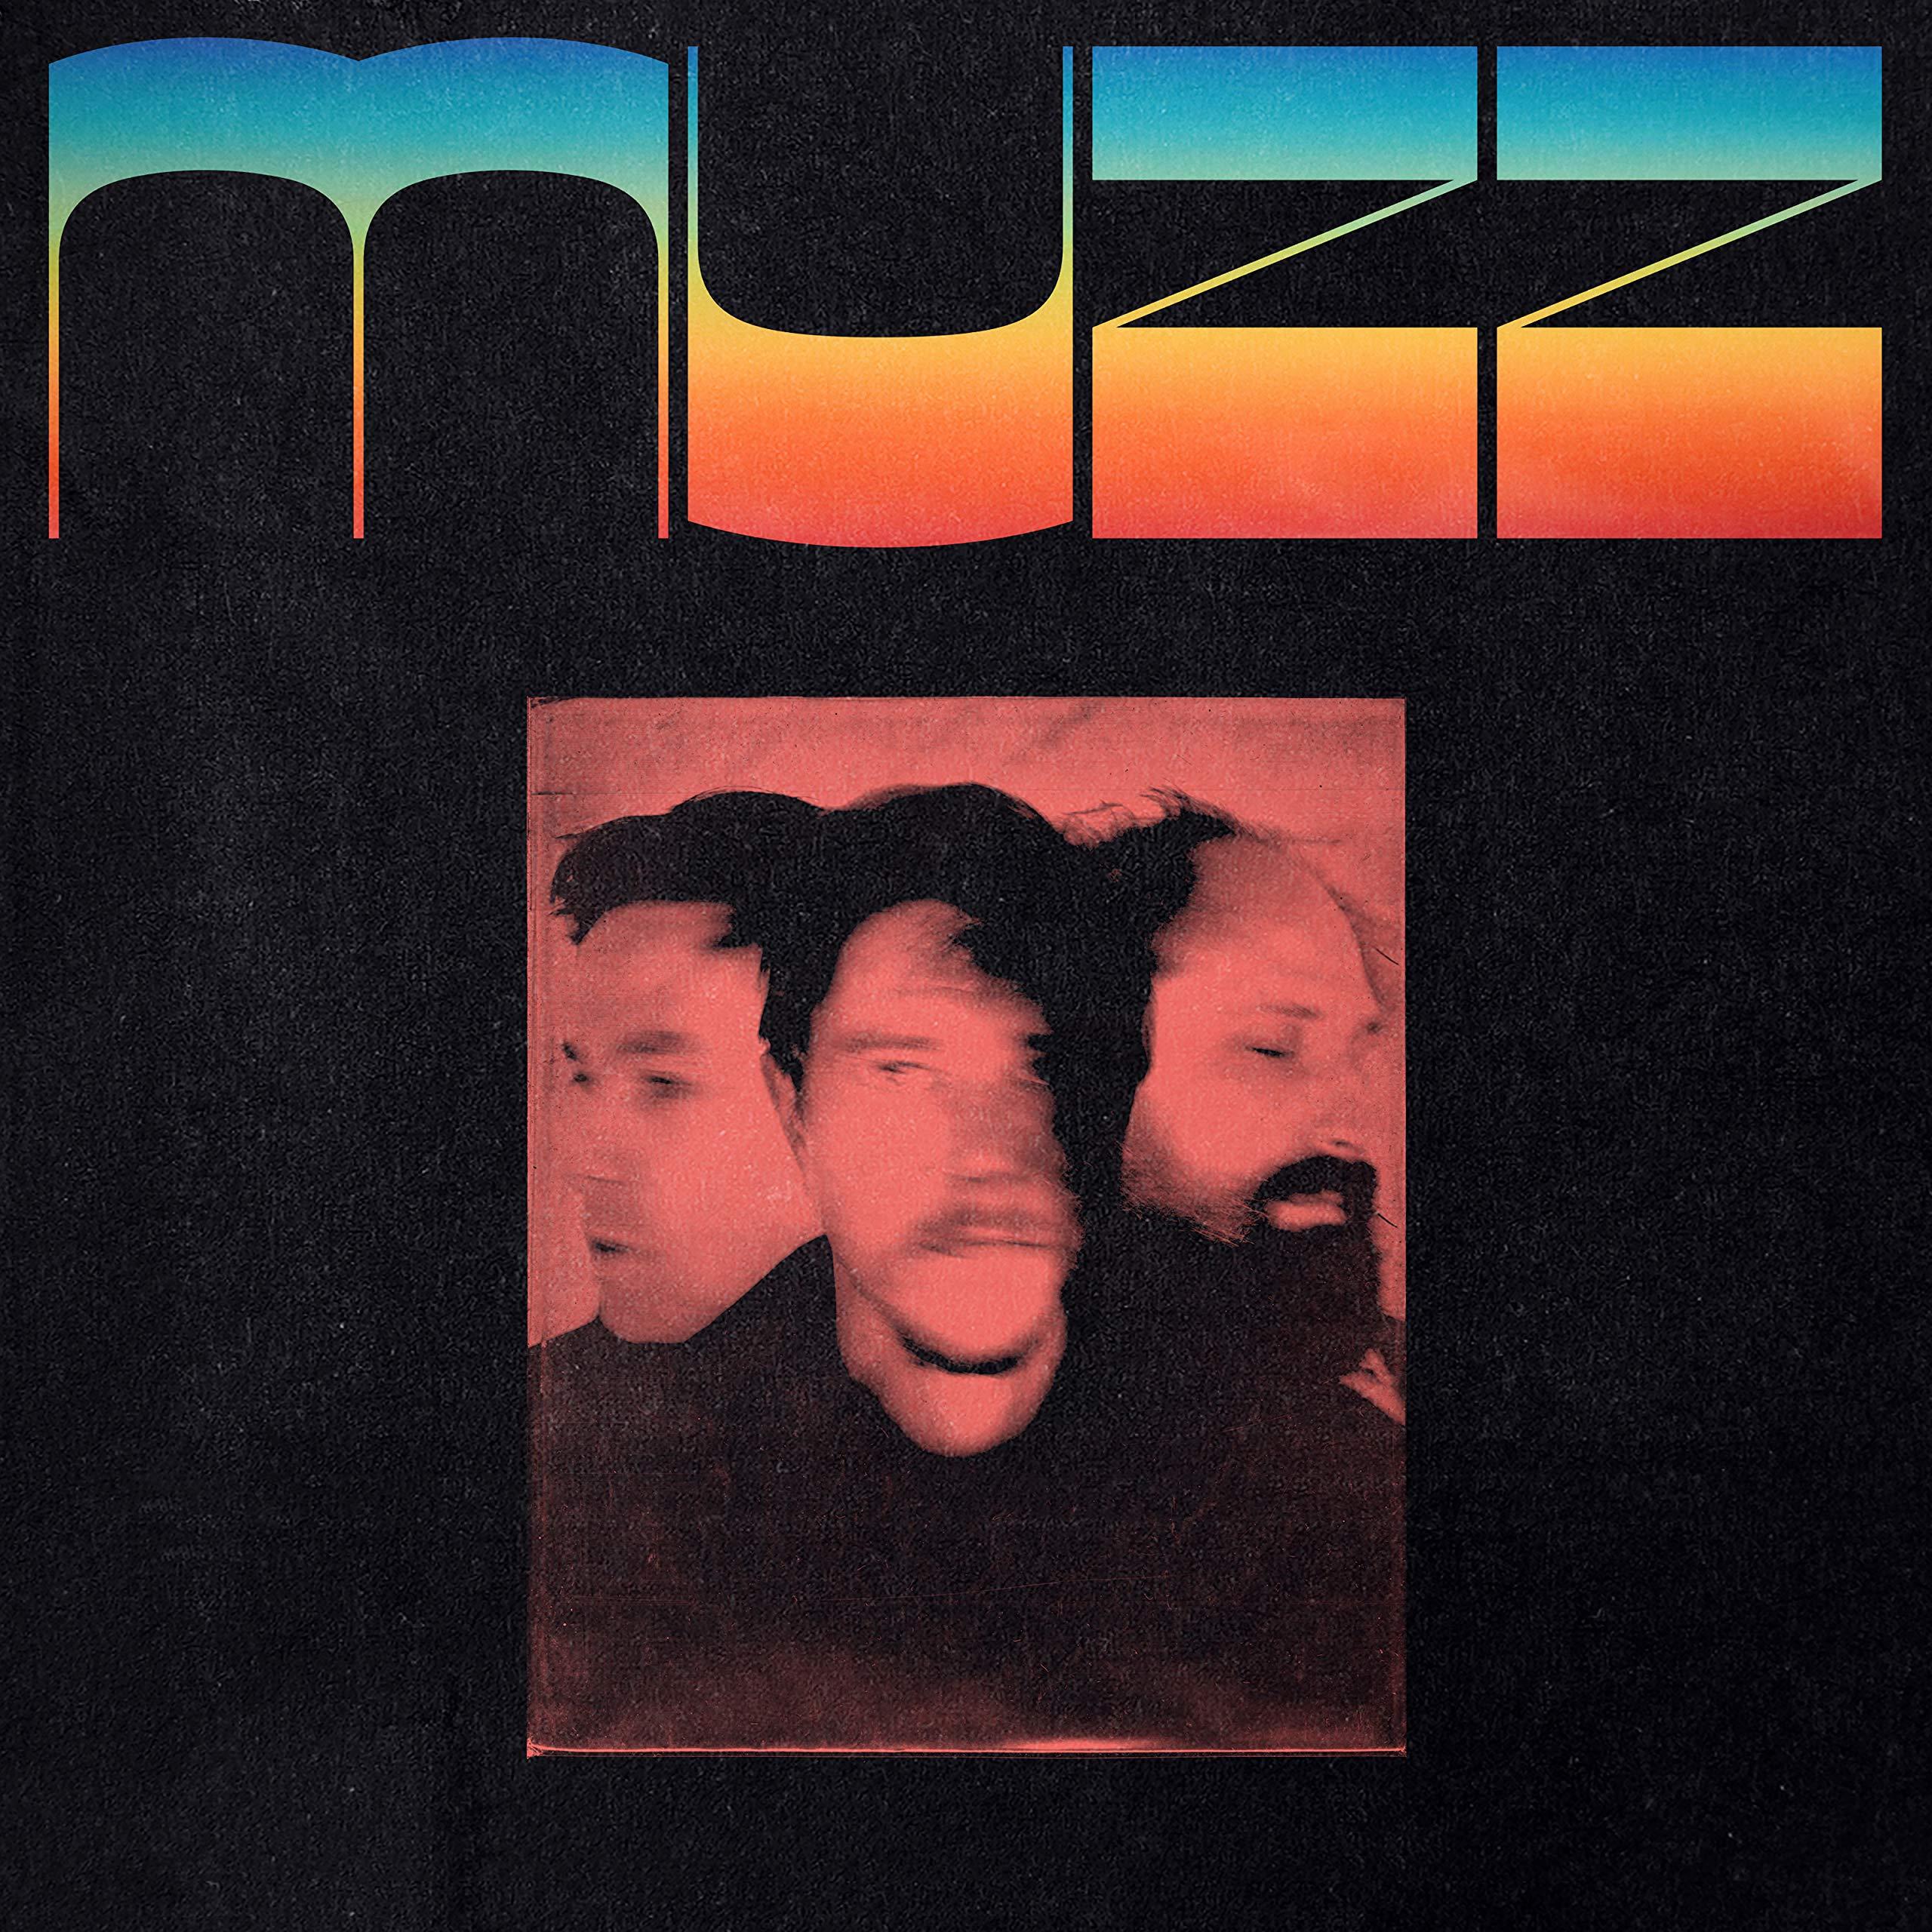 Muzz - Muzz (2020) [FLAC] Download